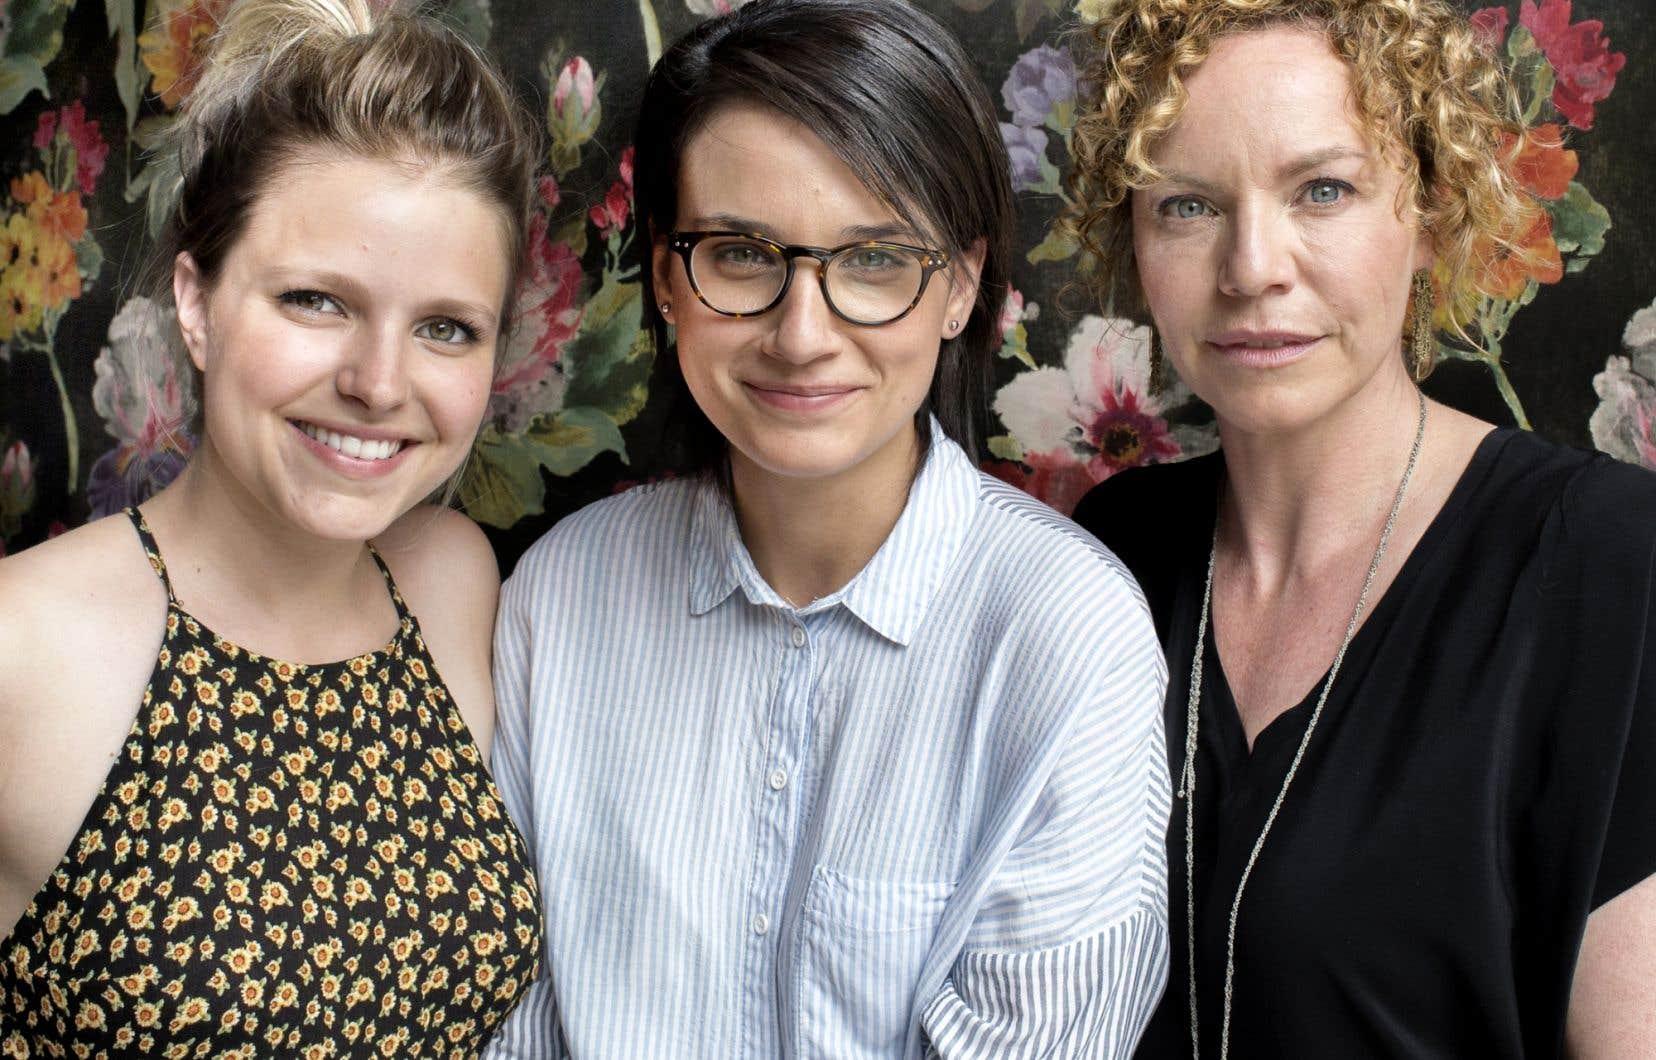 Les actrices Sarah-Jeanne Labrosse et Macha Limonchik entourent la cinéaste Chloé Robichaud.